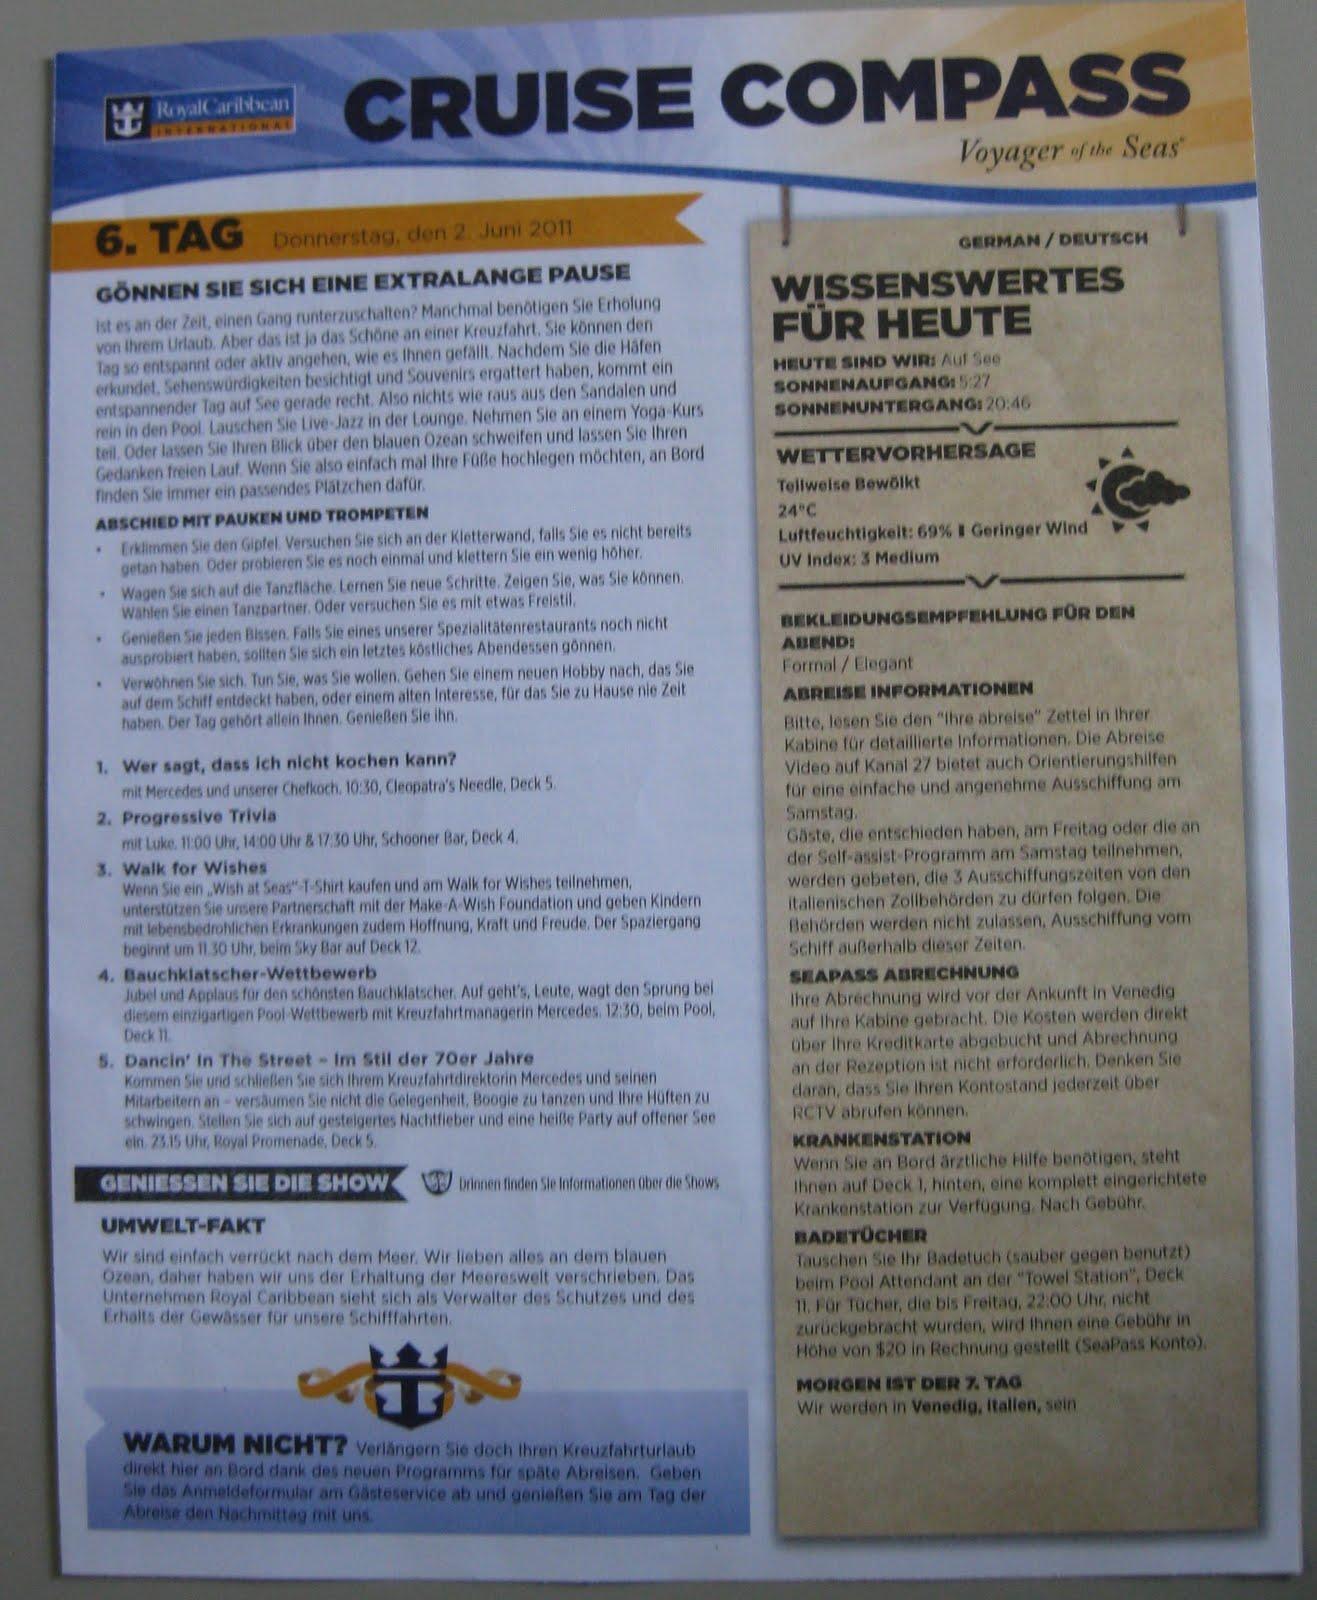 Cruise Compass Vorderseite der Bordzeitung auf der Voyager of the Seas